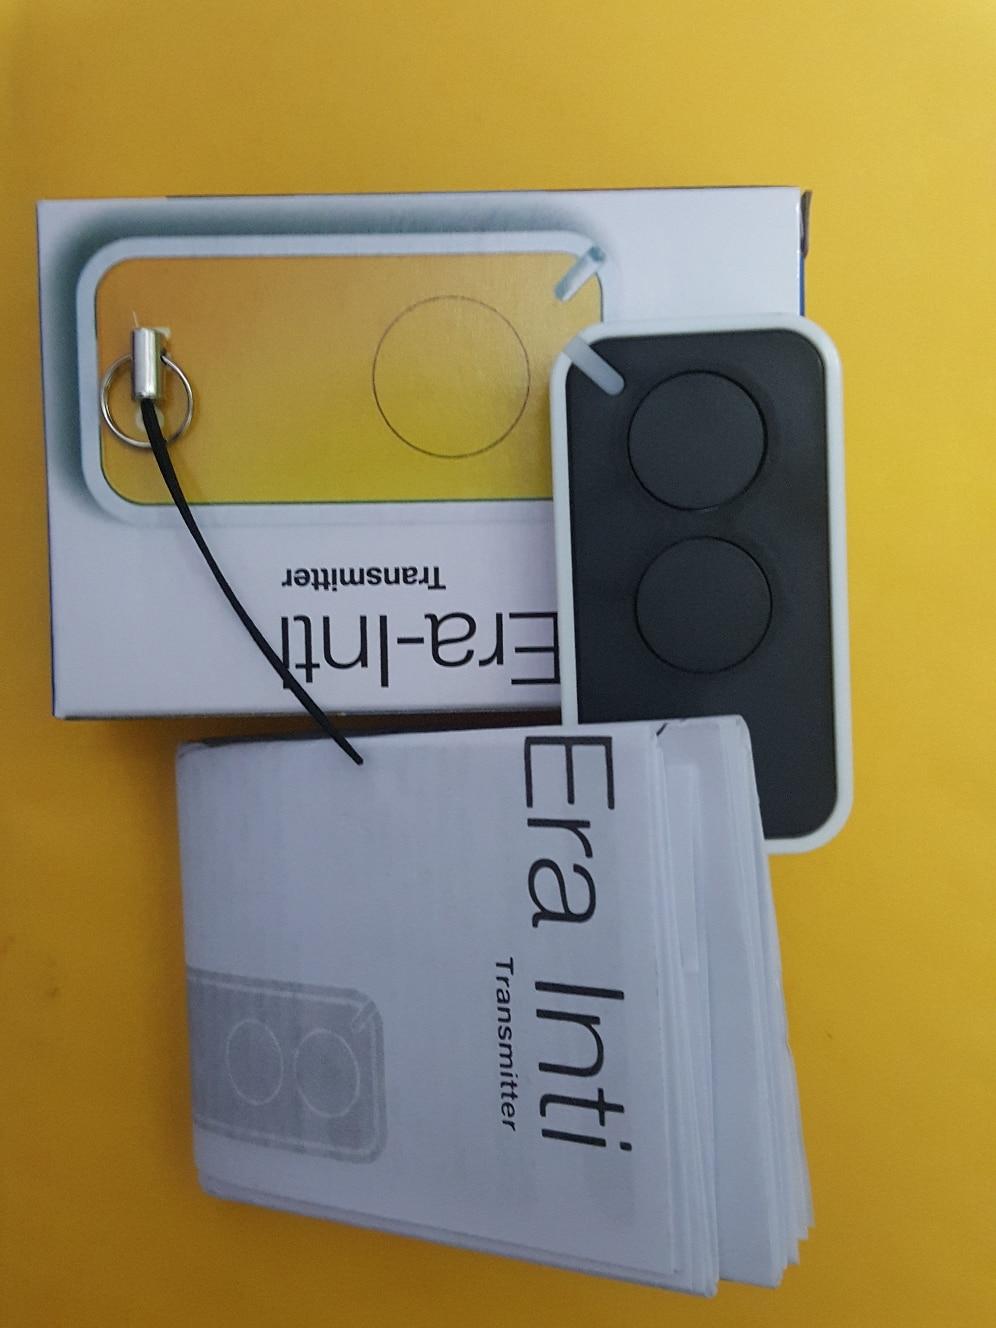 Era Inti Replacement Garage Door Remote Transmitter  Inti 2 Handsender Free Shipping